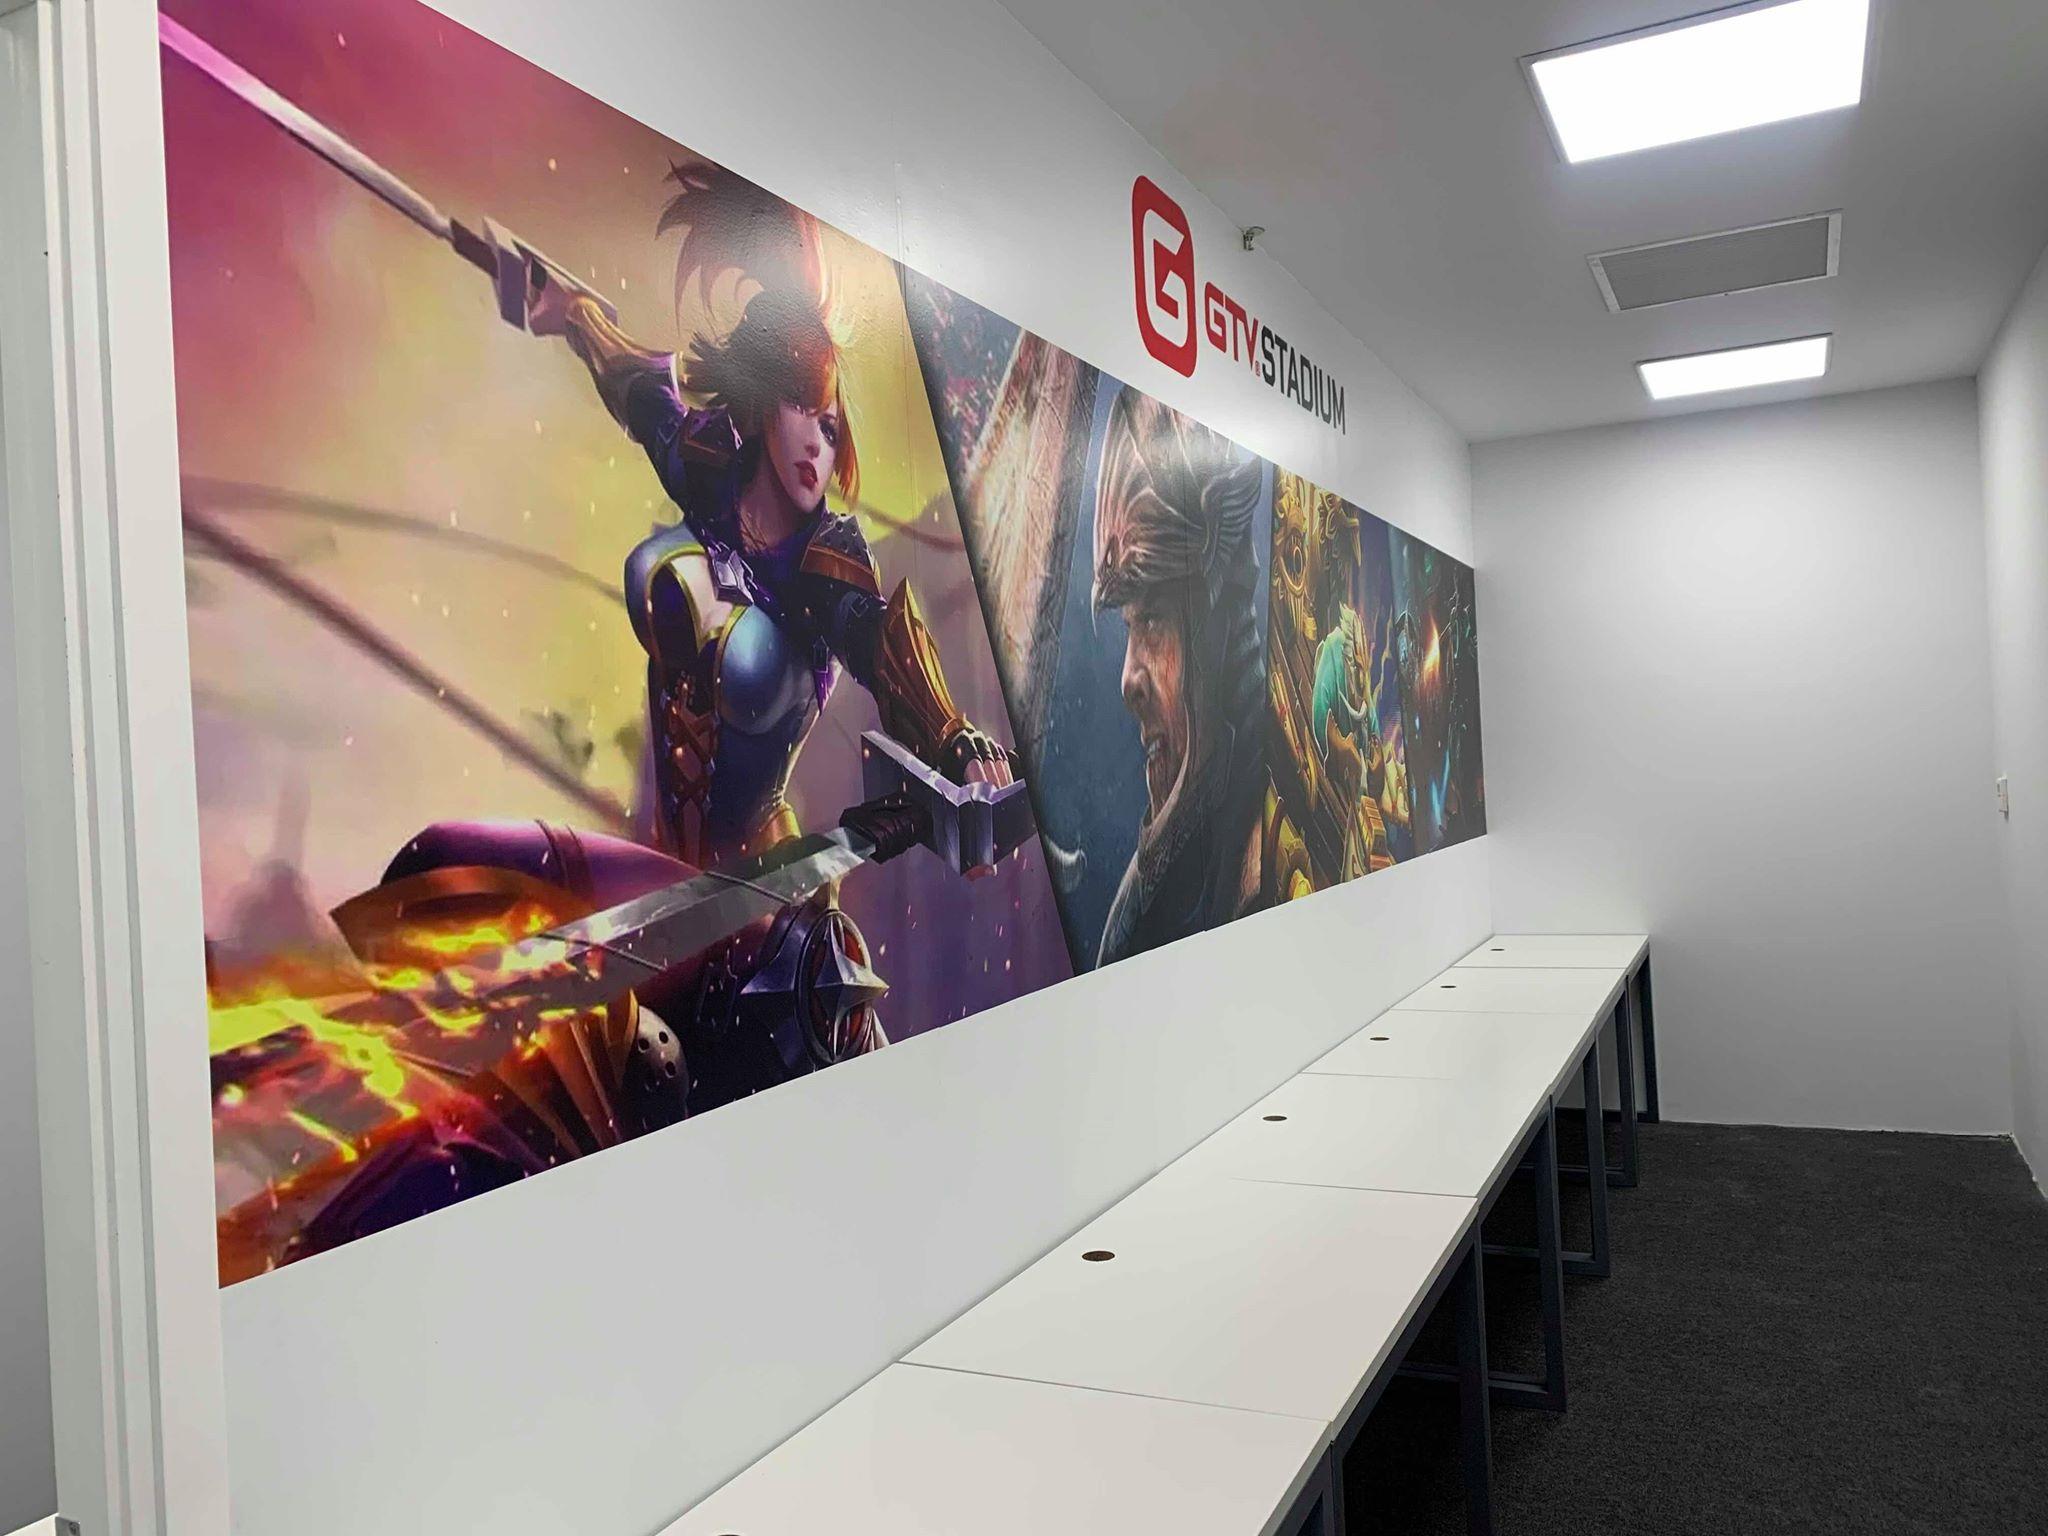 GB Studio đánh dấu sự phát triển mang tính chiến lược của GTV và BEATVN